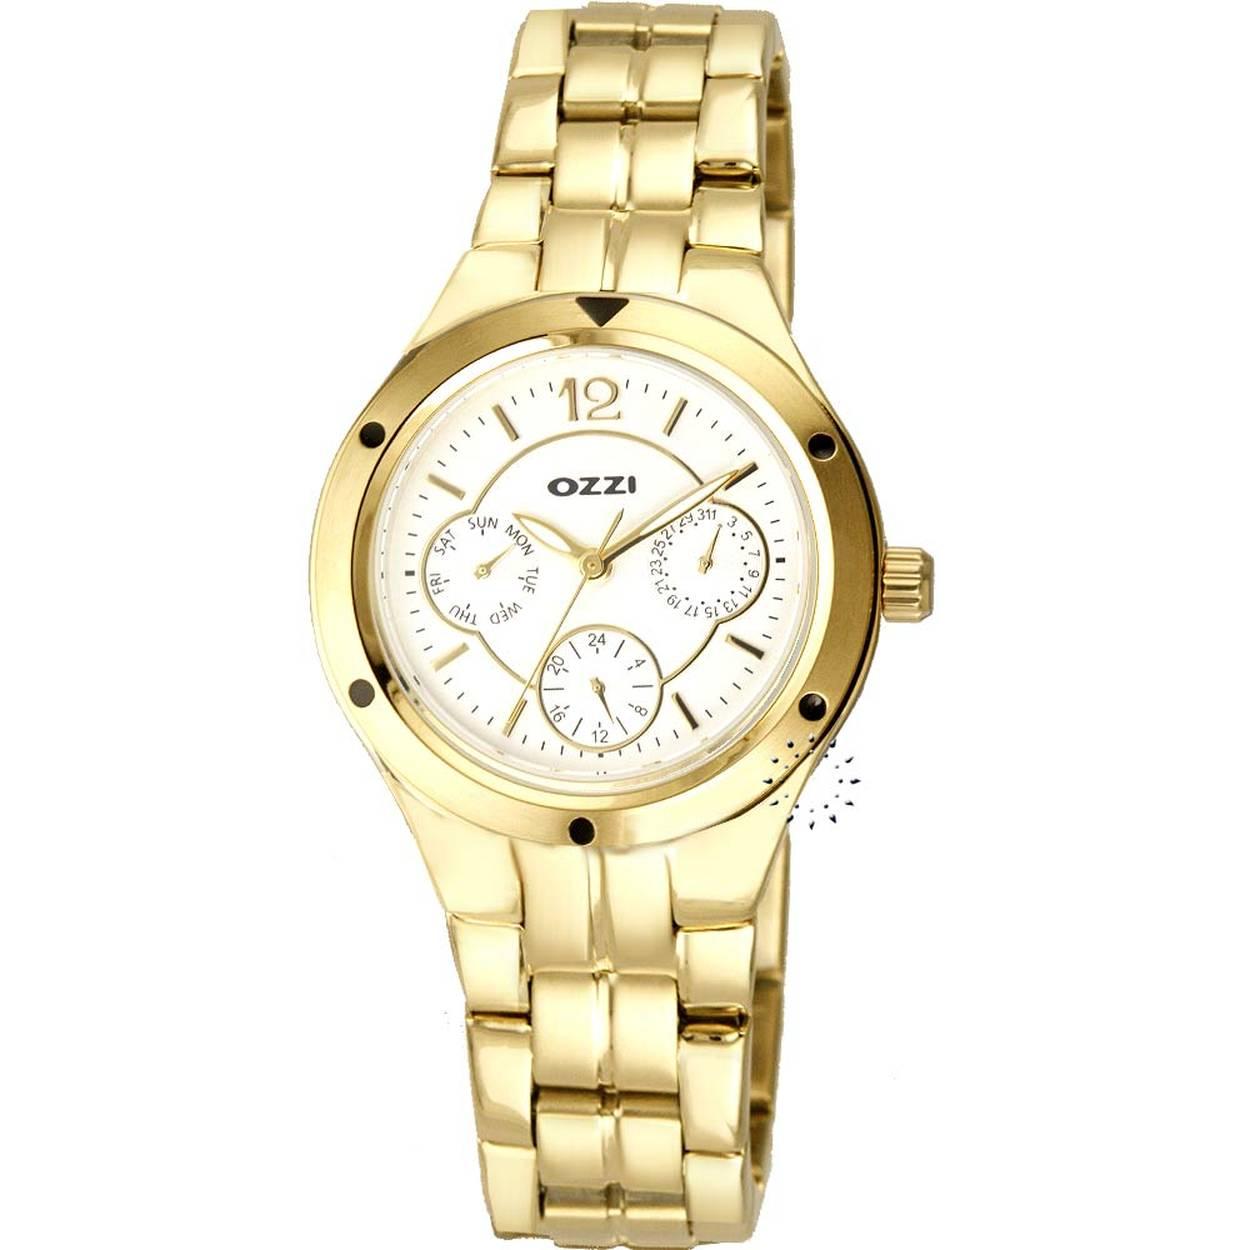 Ρολόι OZZI Calendar Gold Stainless Steel Bracelet - W02560 - OROLOI.gr 3a8fefbc035